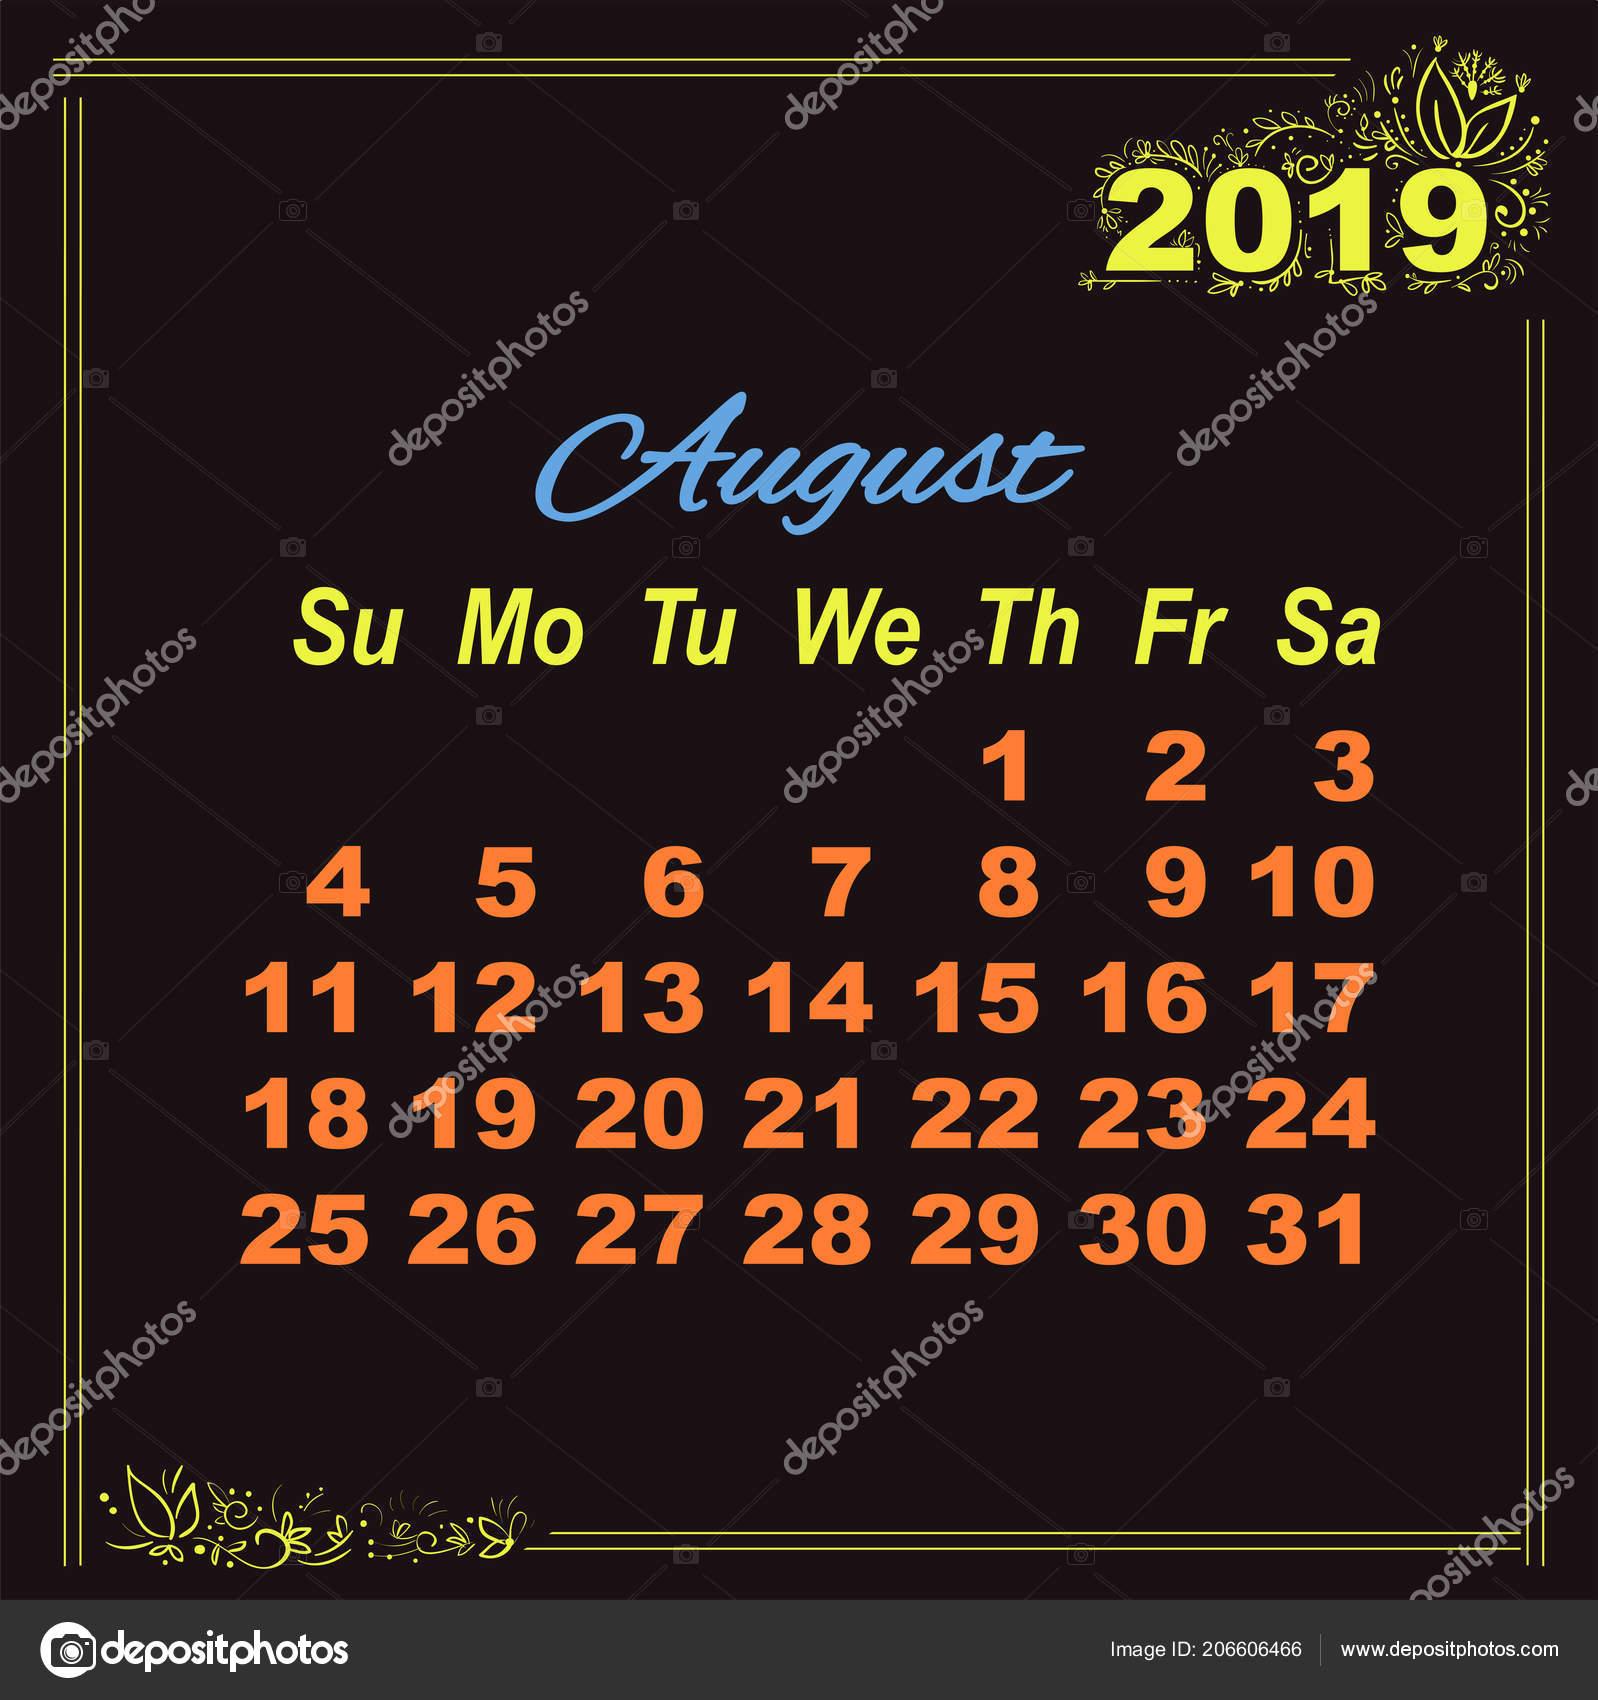 Calendario De Agosto 2019 Decorado.Amarillo Agosto Calendario Doodle 2019 Decoracion Fondo